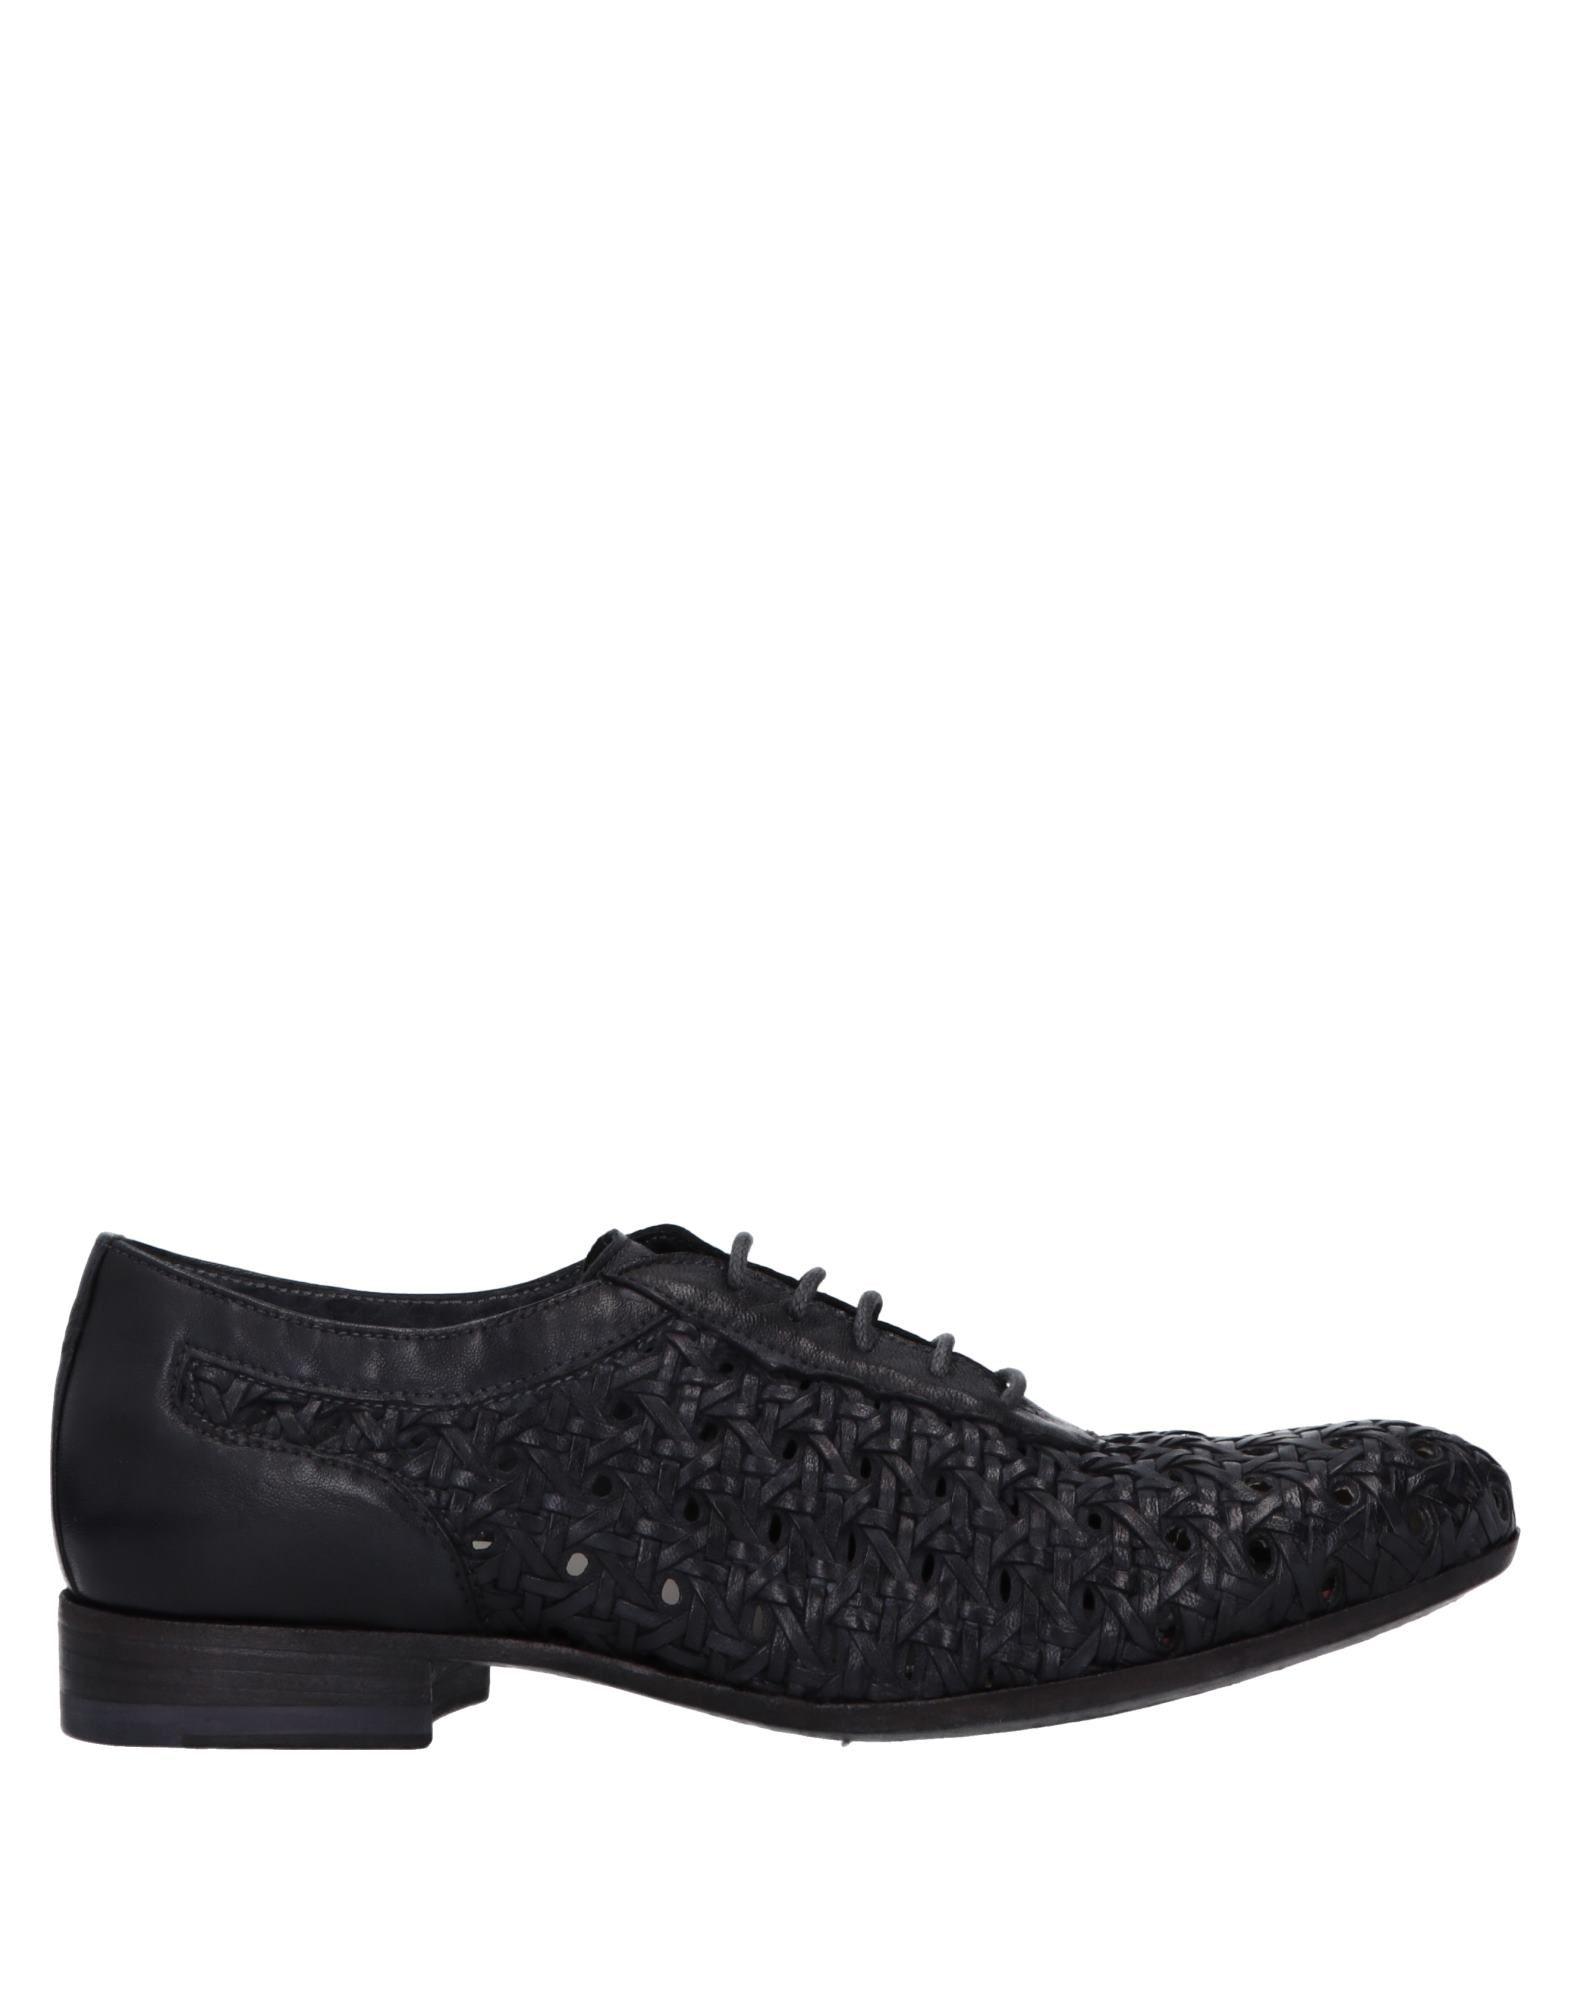 съемные шипы на обувь